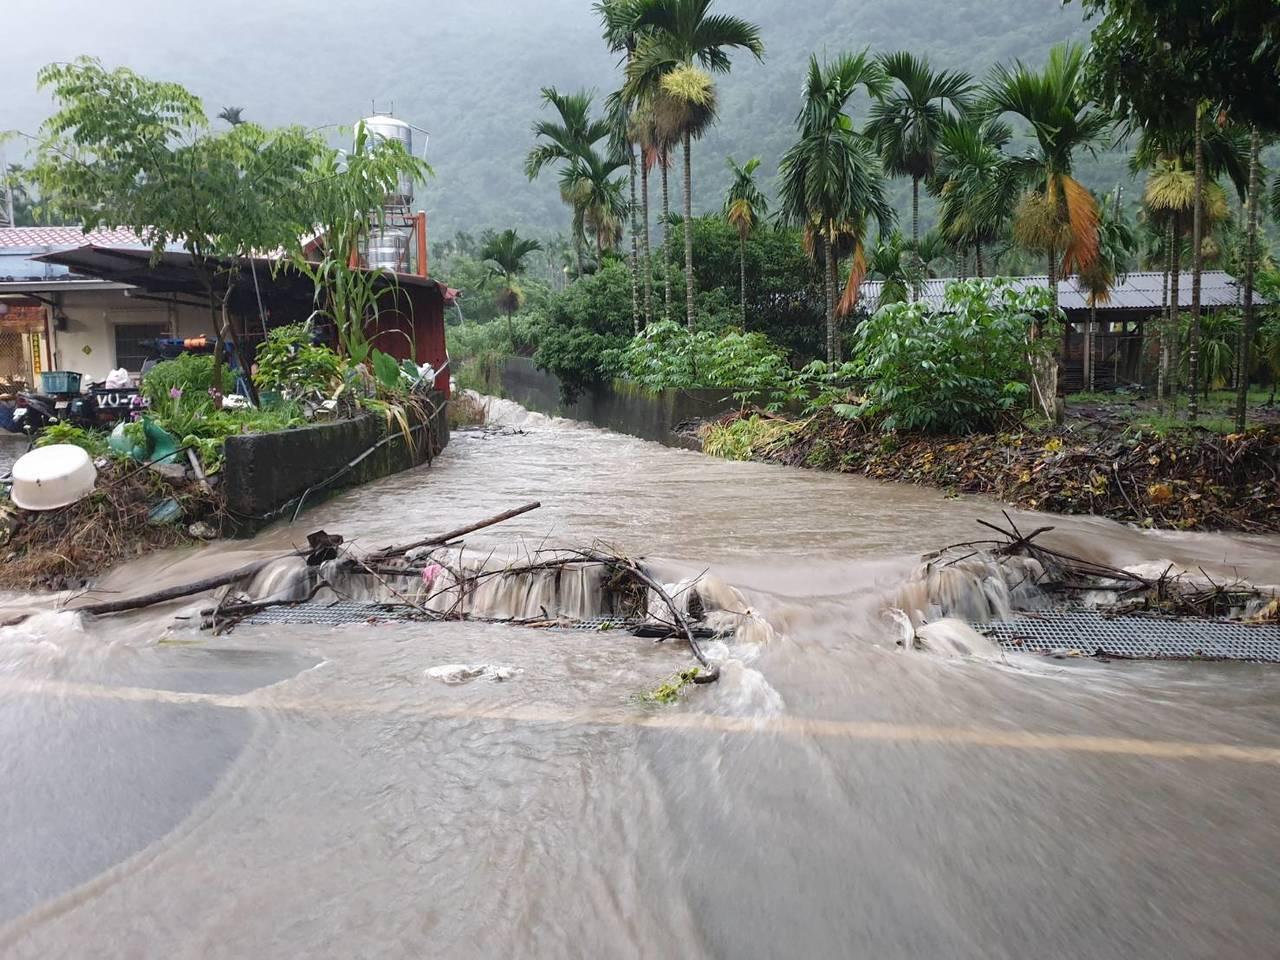 六龜全區31條溪流發布土石流紅色警戒,山溝溪水暴漲。記者徐白櫻/翻攝